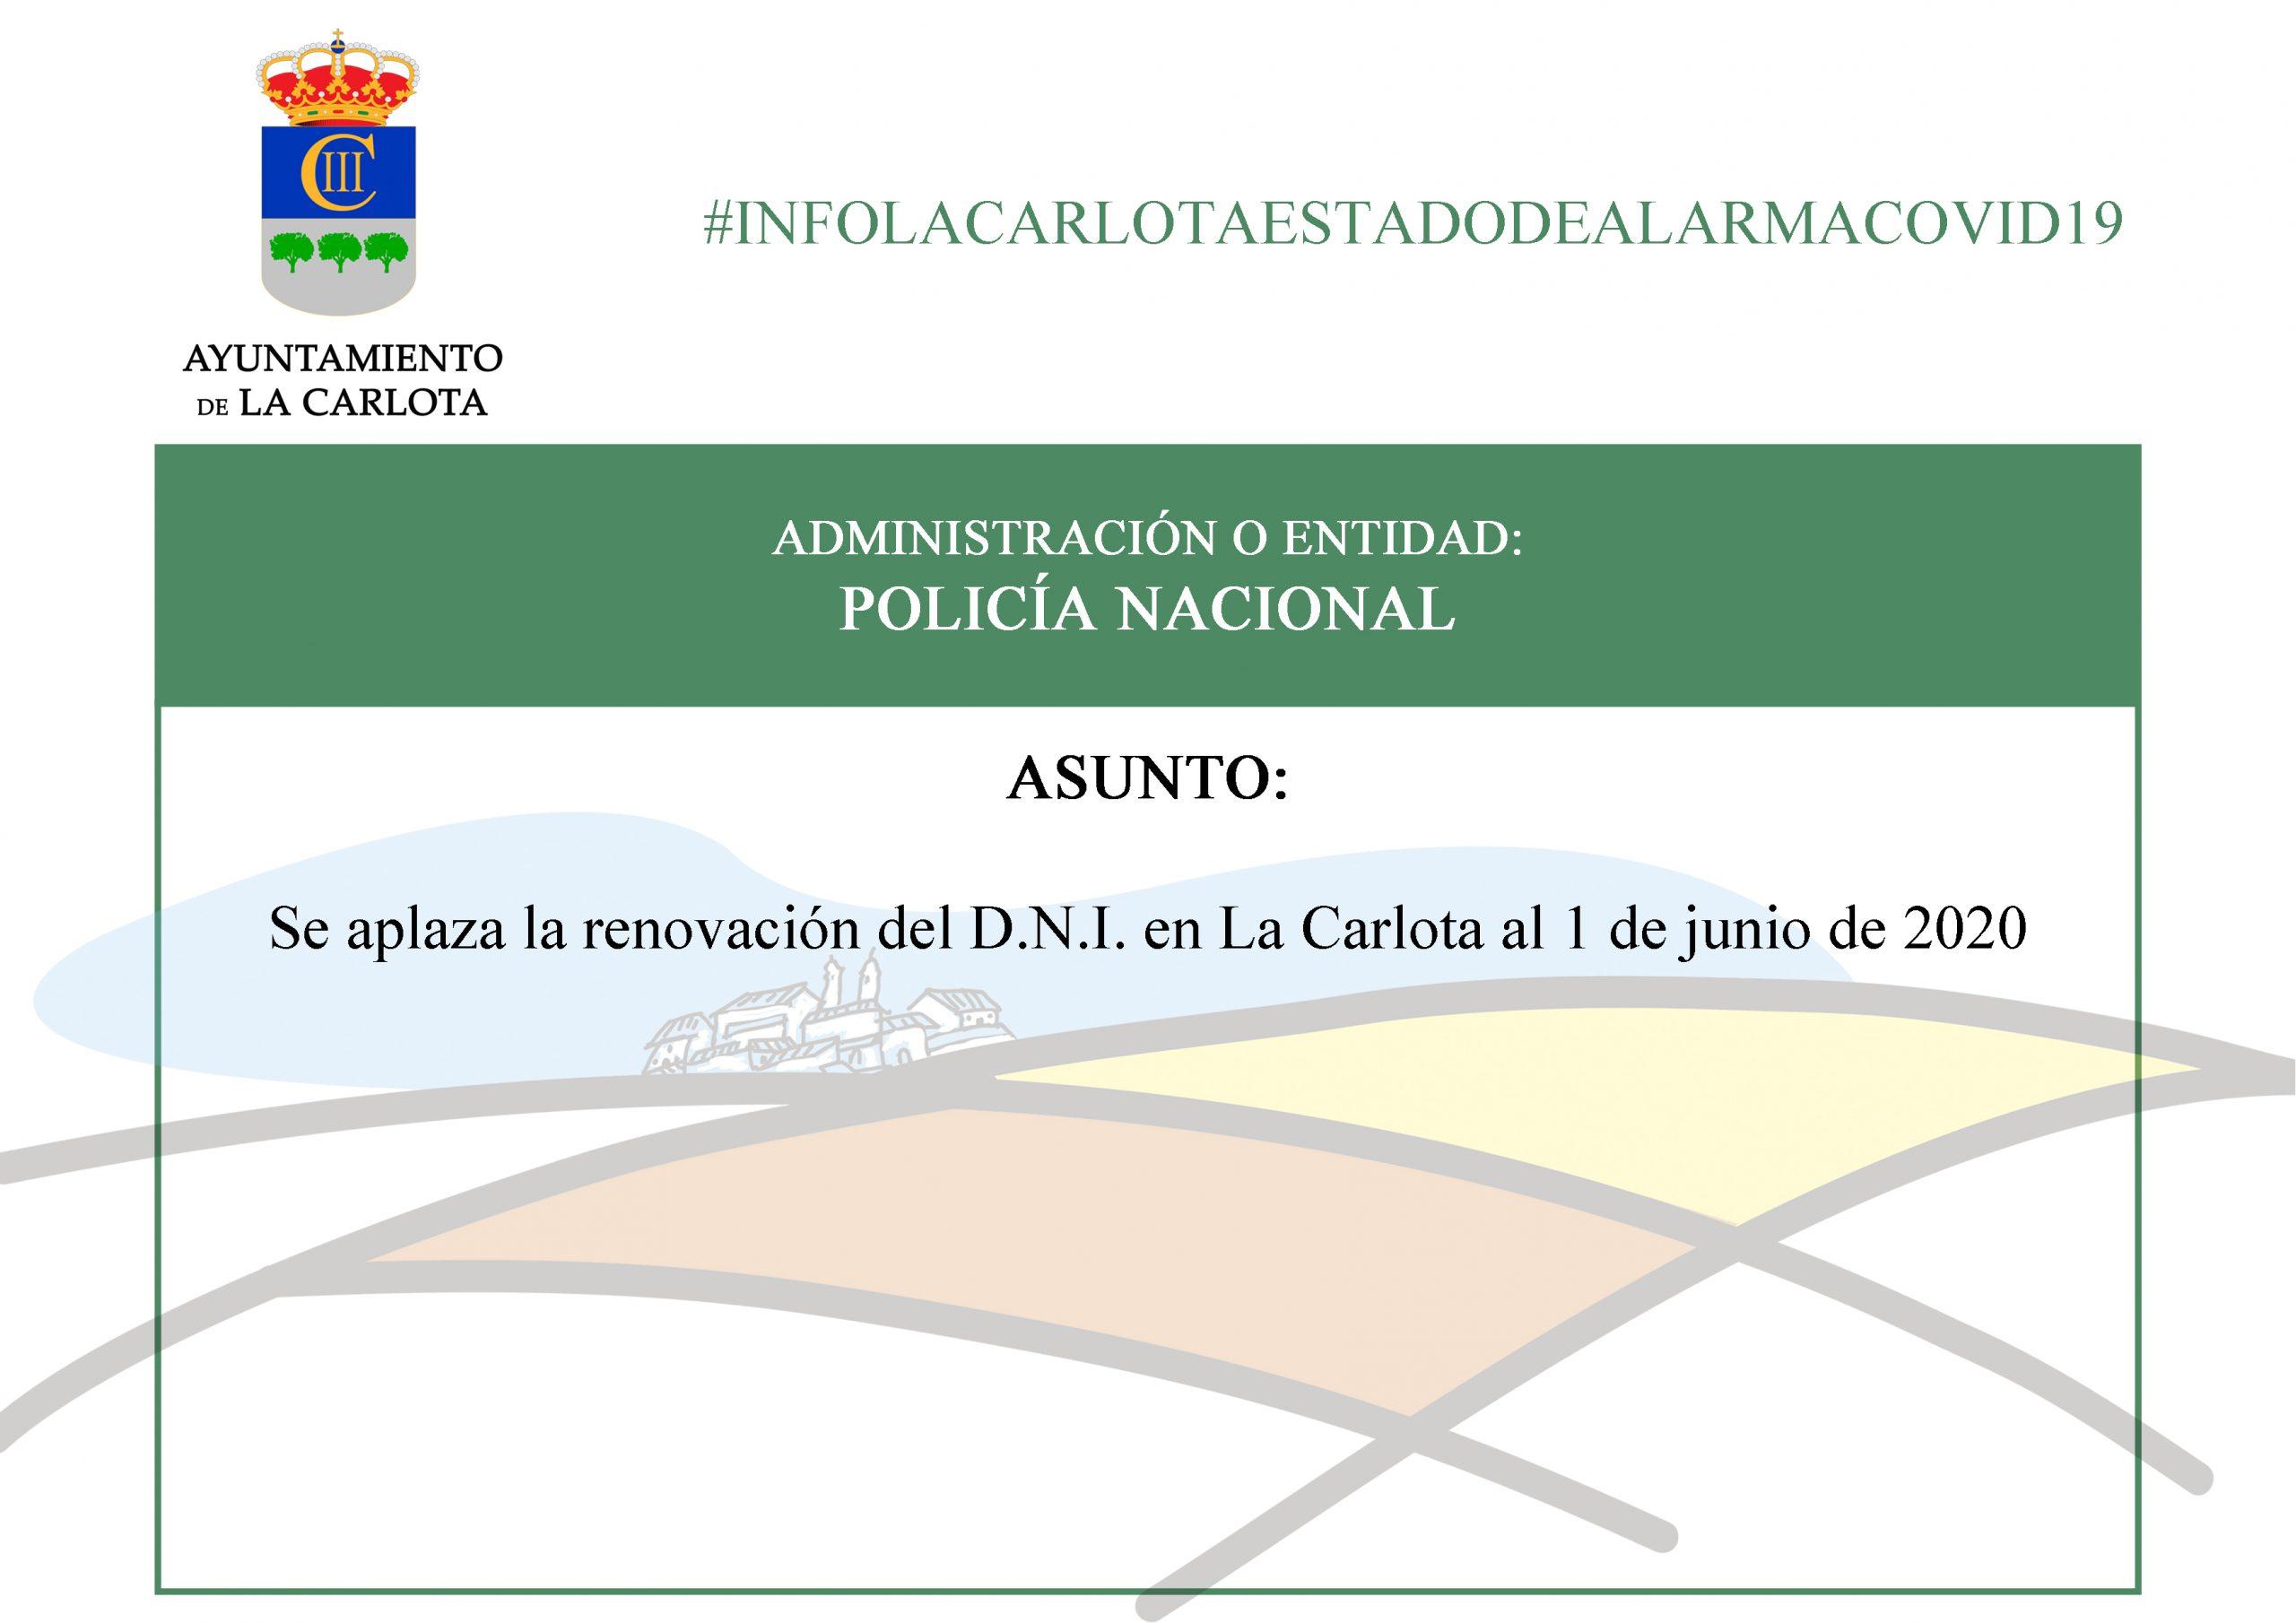 #INFOLACARLOTAESTADODEALARMACOVID19  SE APLAZA LA RENOVACIÓN DEL D.N.I. EN LA CARLOTA AL 1 DE JUNIO DE 2020  1